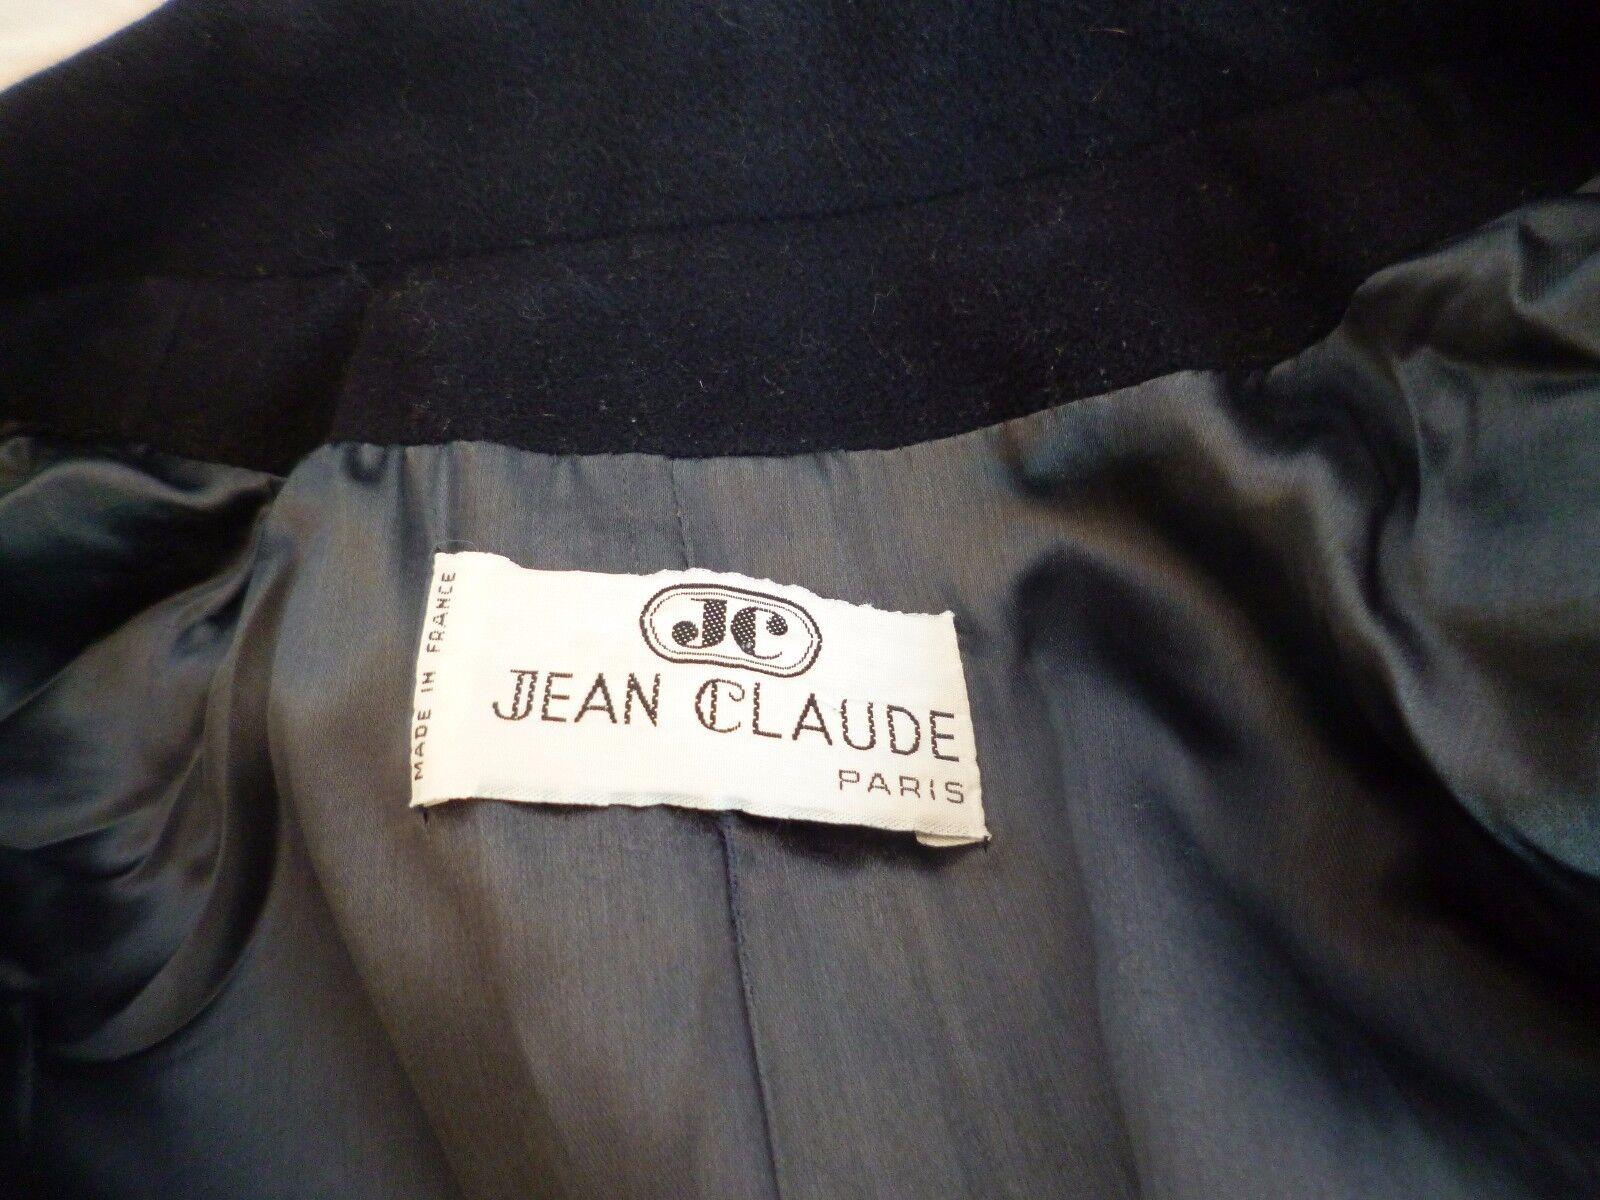 _ MANTEAU FEMME _ JEAN CLAUDE PARIS _ black _ _ _ T38 _ b685f5